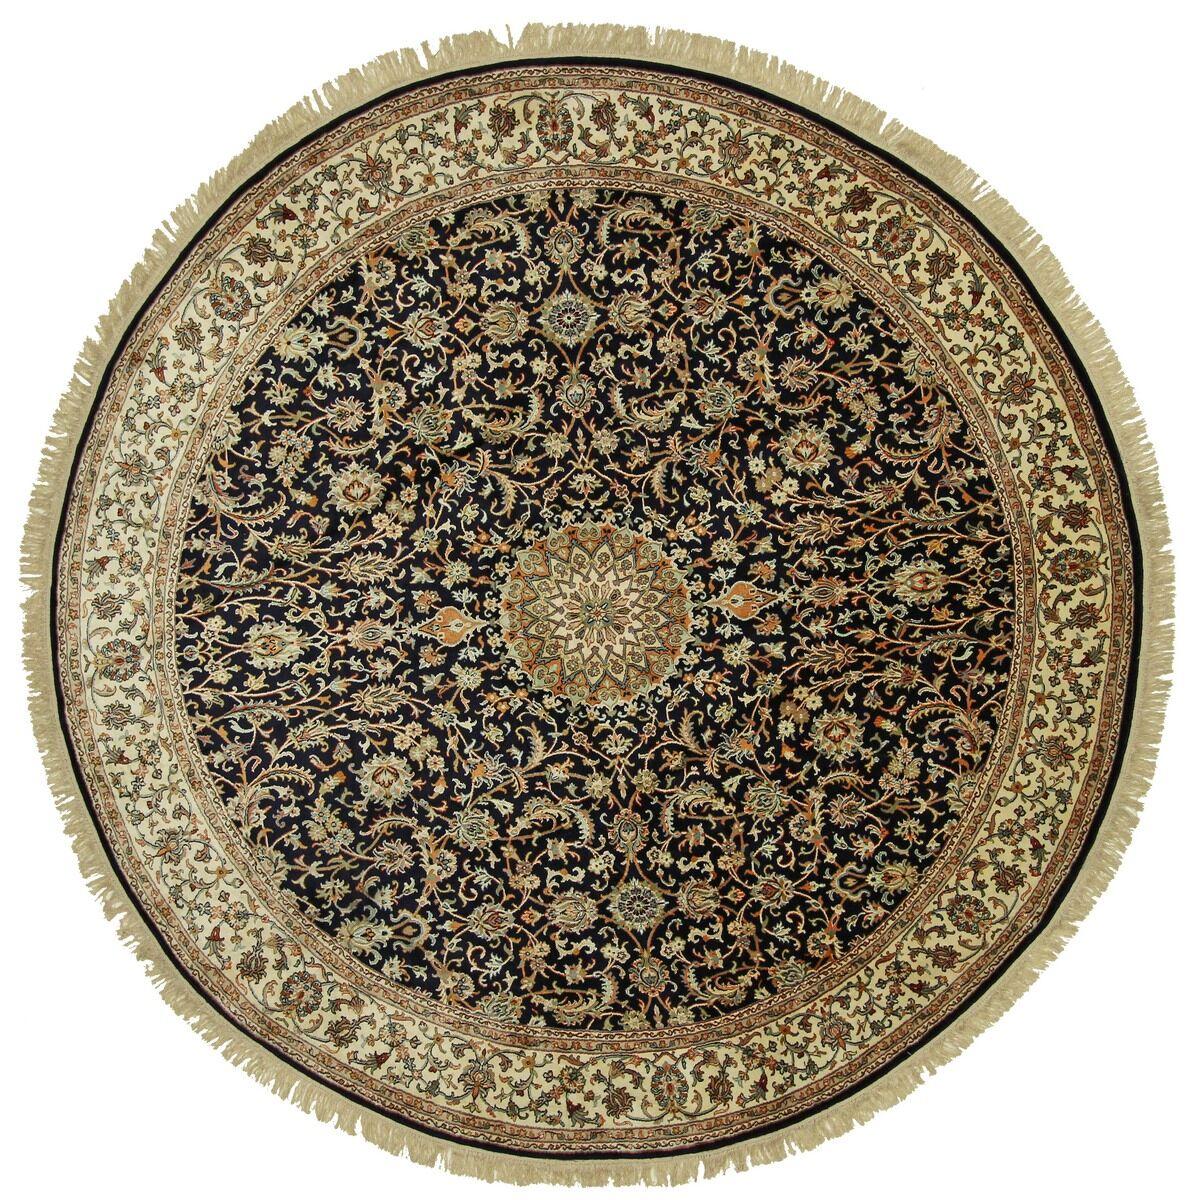 Nain Trading Tapis D'orient Cachemire Pure Soie 244x242 Ronde Gris Foncé/Marron Foncé (Noué à la main, Inde, Soie)